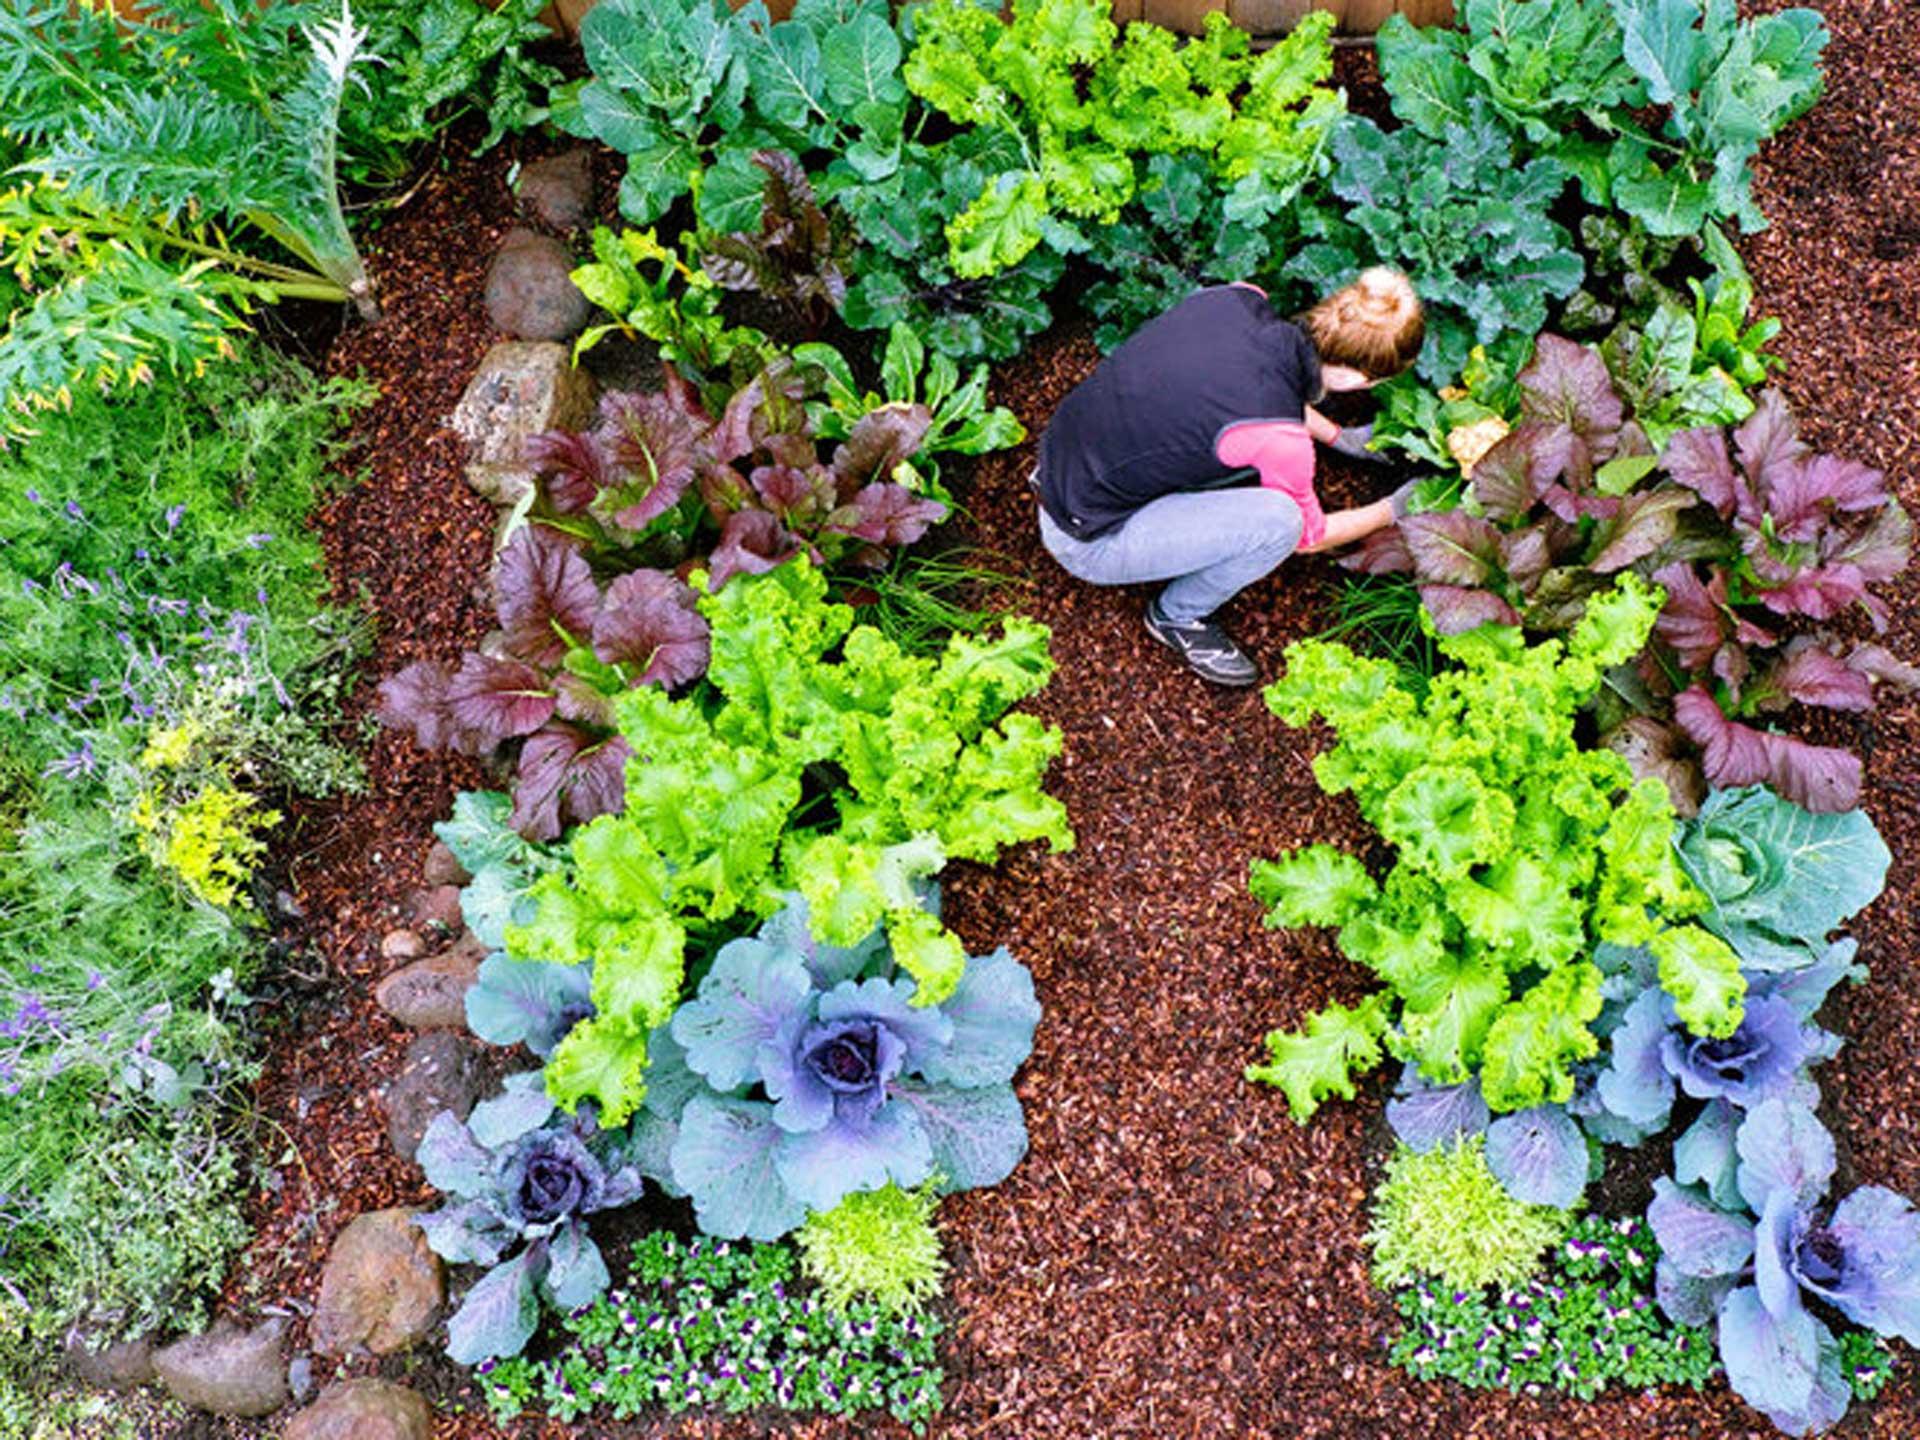 Cool weather vegetable plants hebert 39 s garden center Flowers to plant in vegetable garden